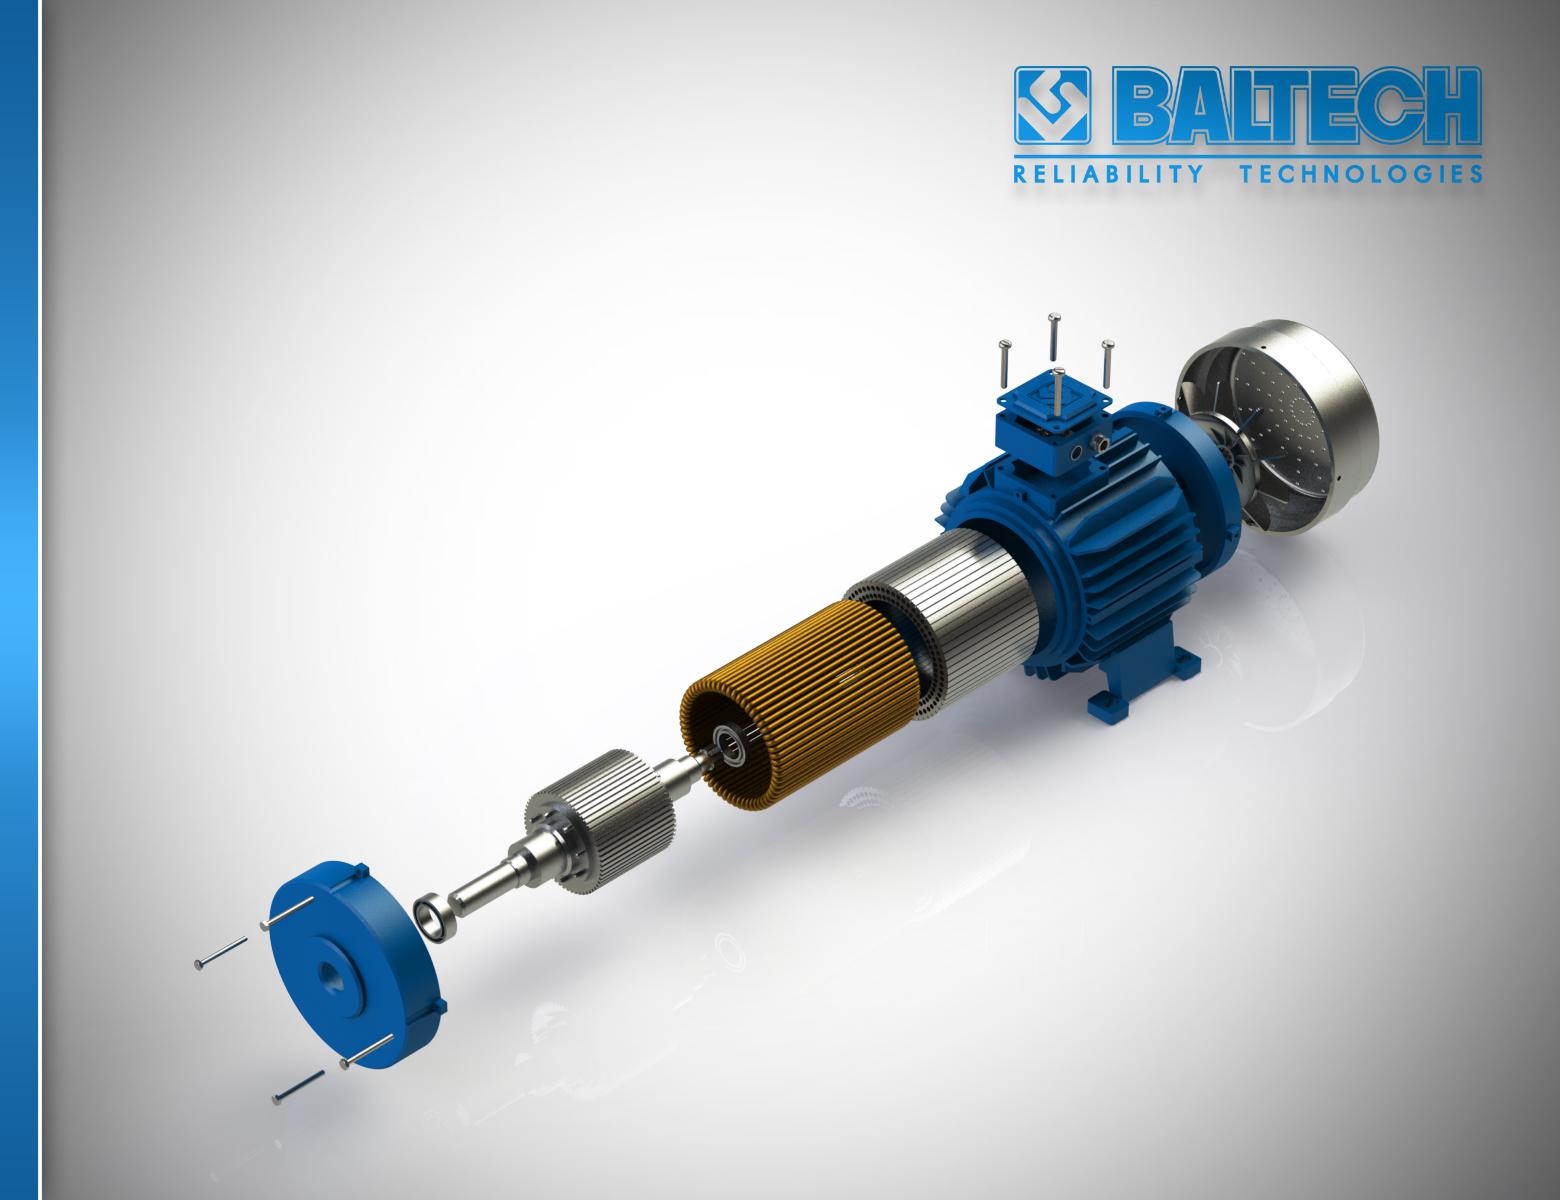 Ремонт и сервис электрических машин, диагностика электродвигателей